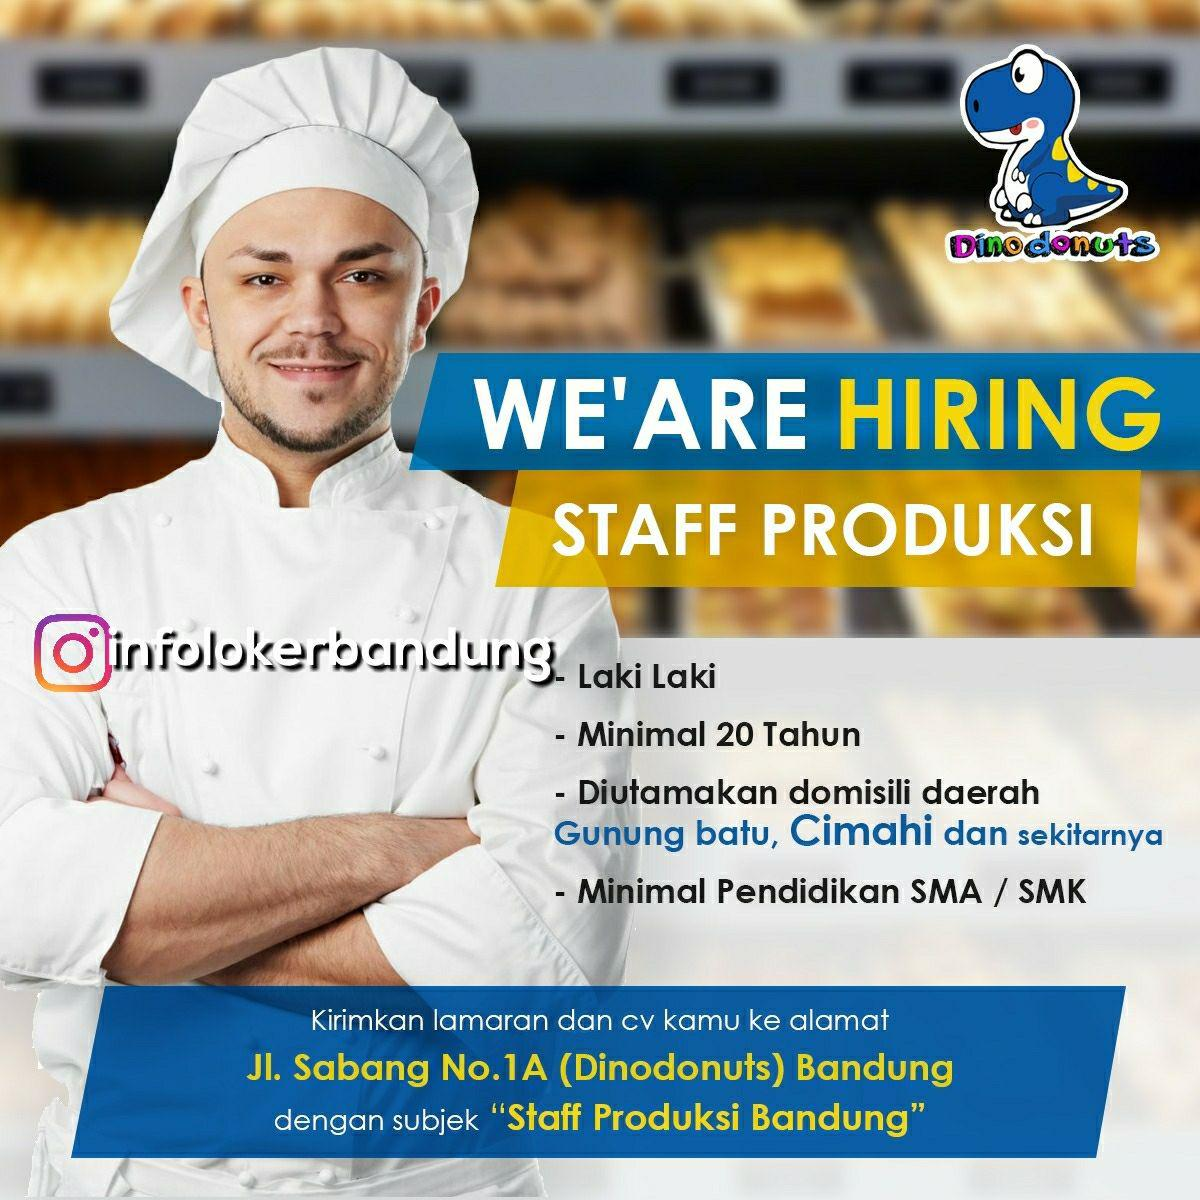 Lowongan Kerja Staff Produksi Dino Donuts Bandung Februari 2018